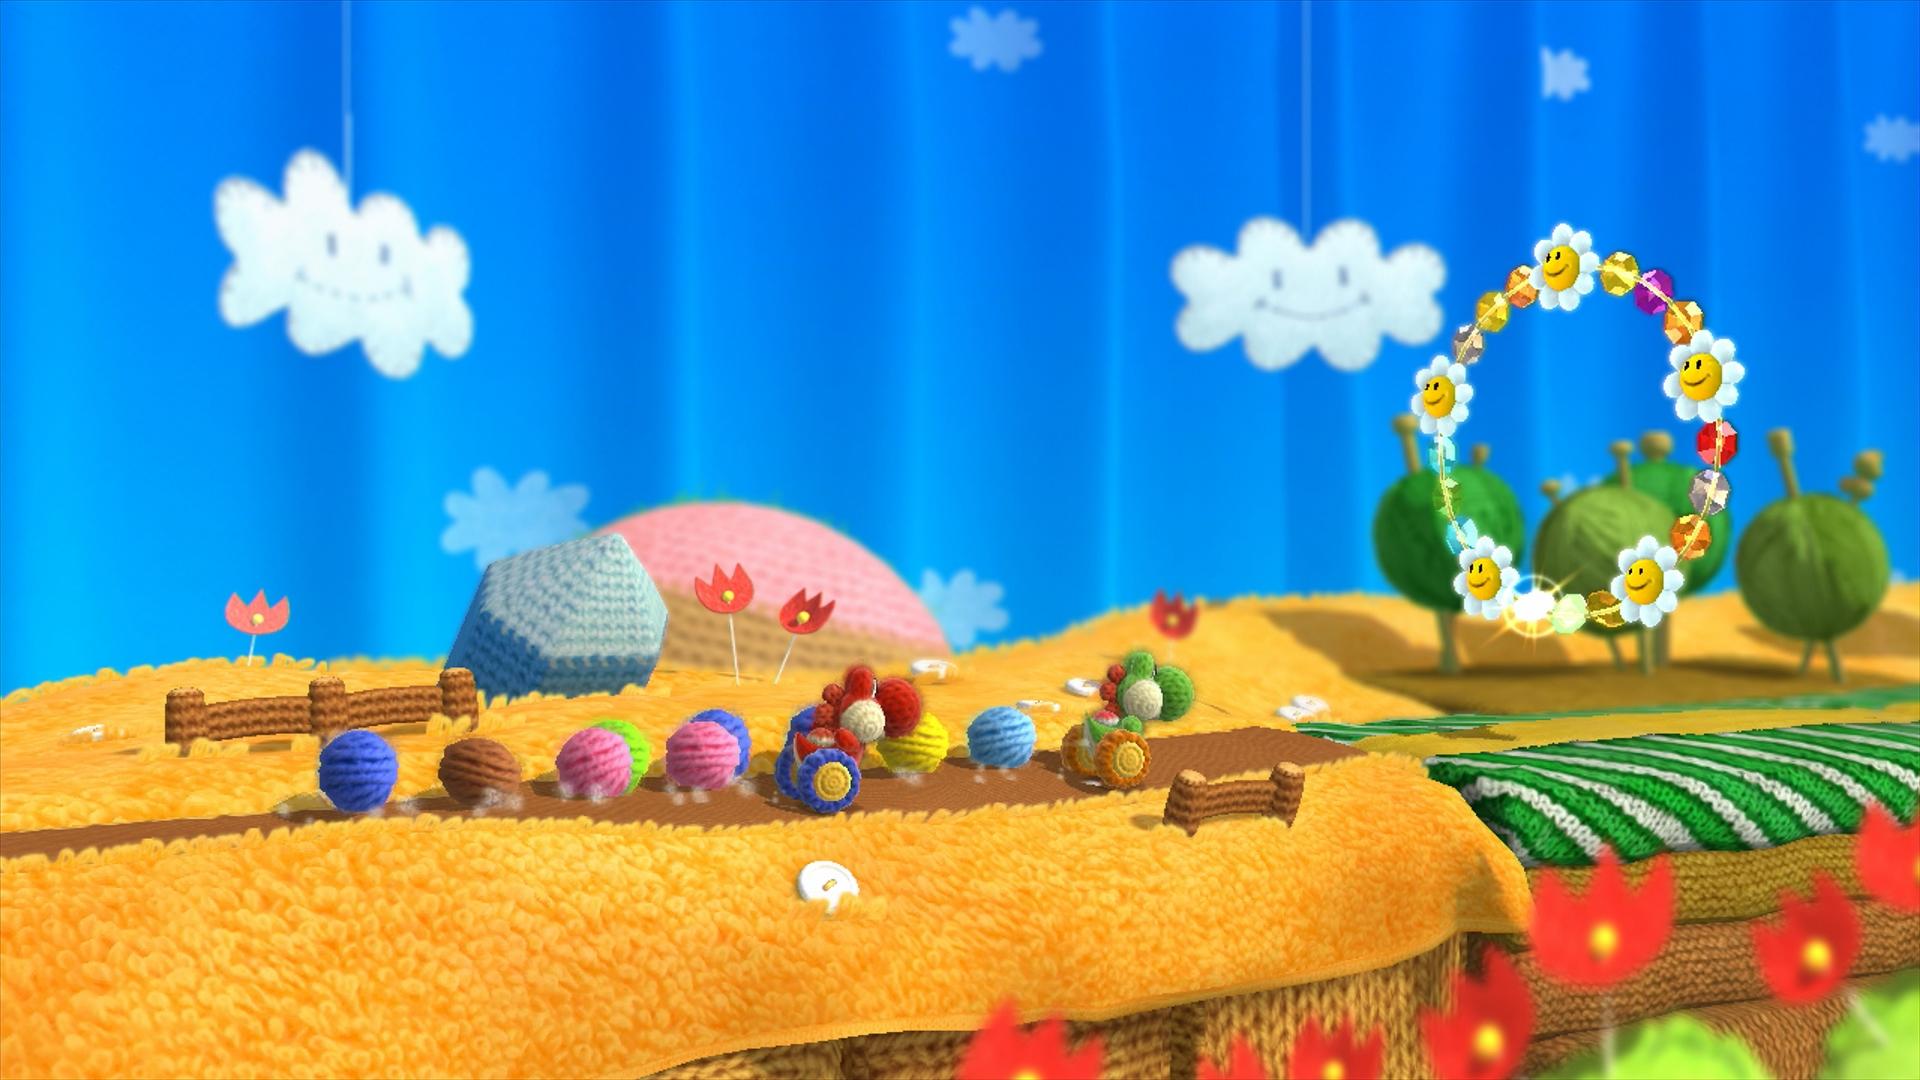 画像集 008 ヨッシー ウールワールド Wii U 4gamer Net